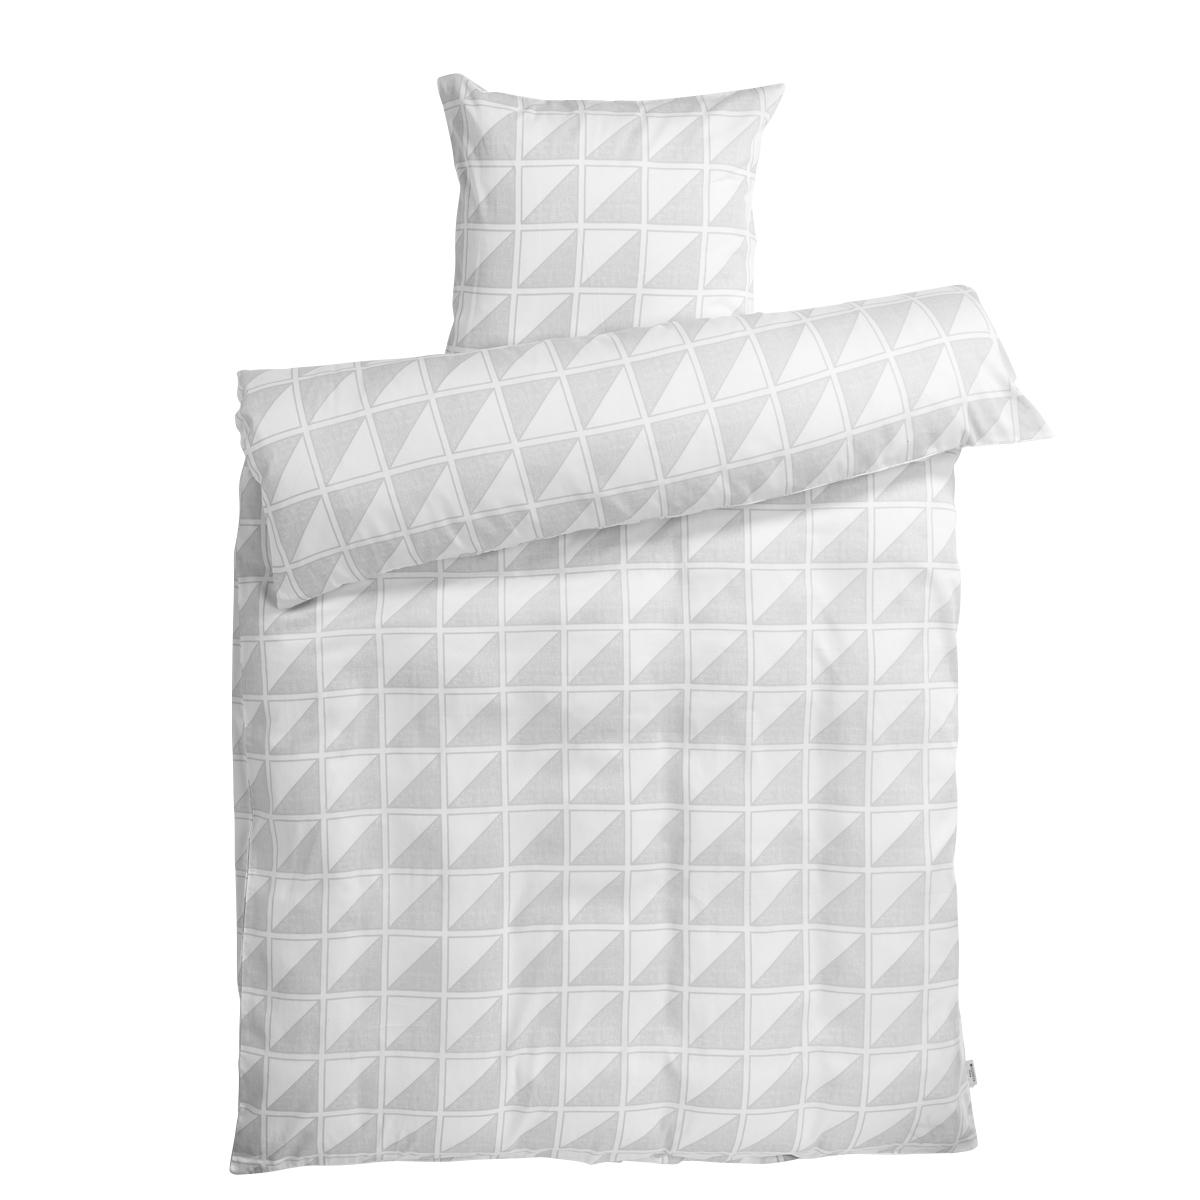 Image of   Redgreen sengetøj - Hvid og lysegrå